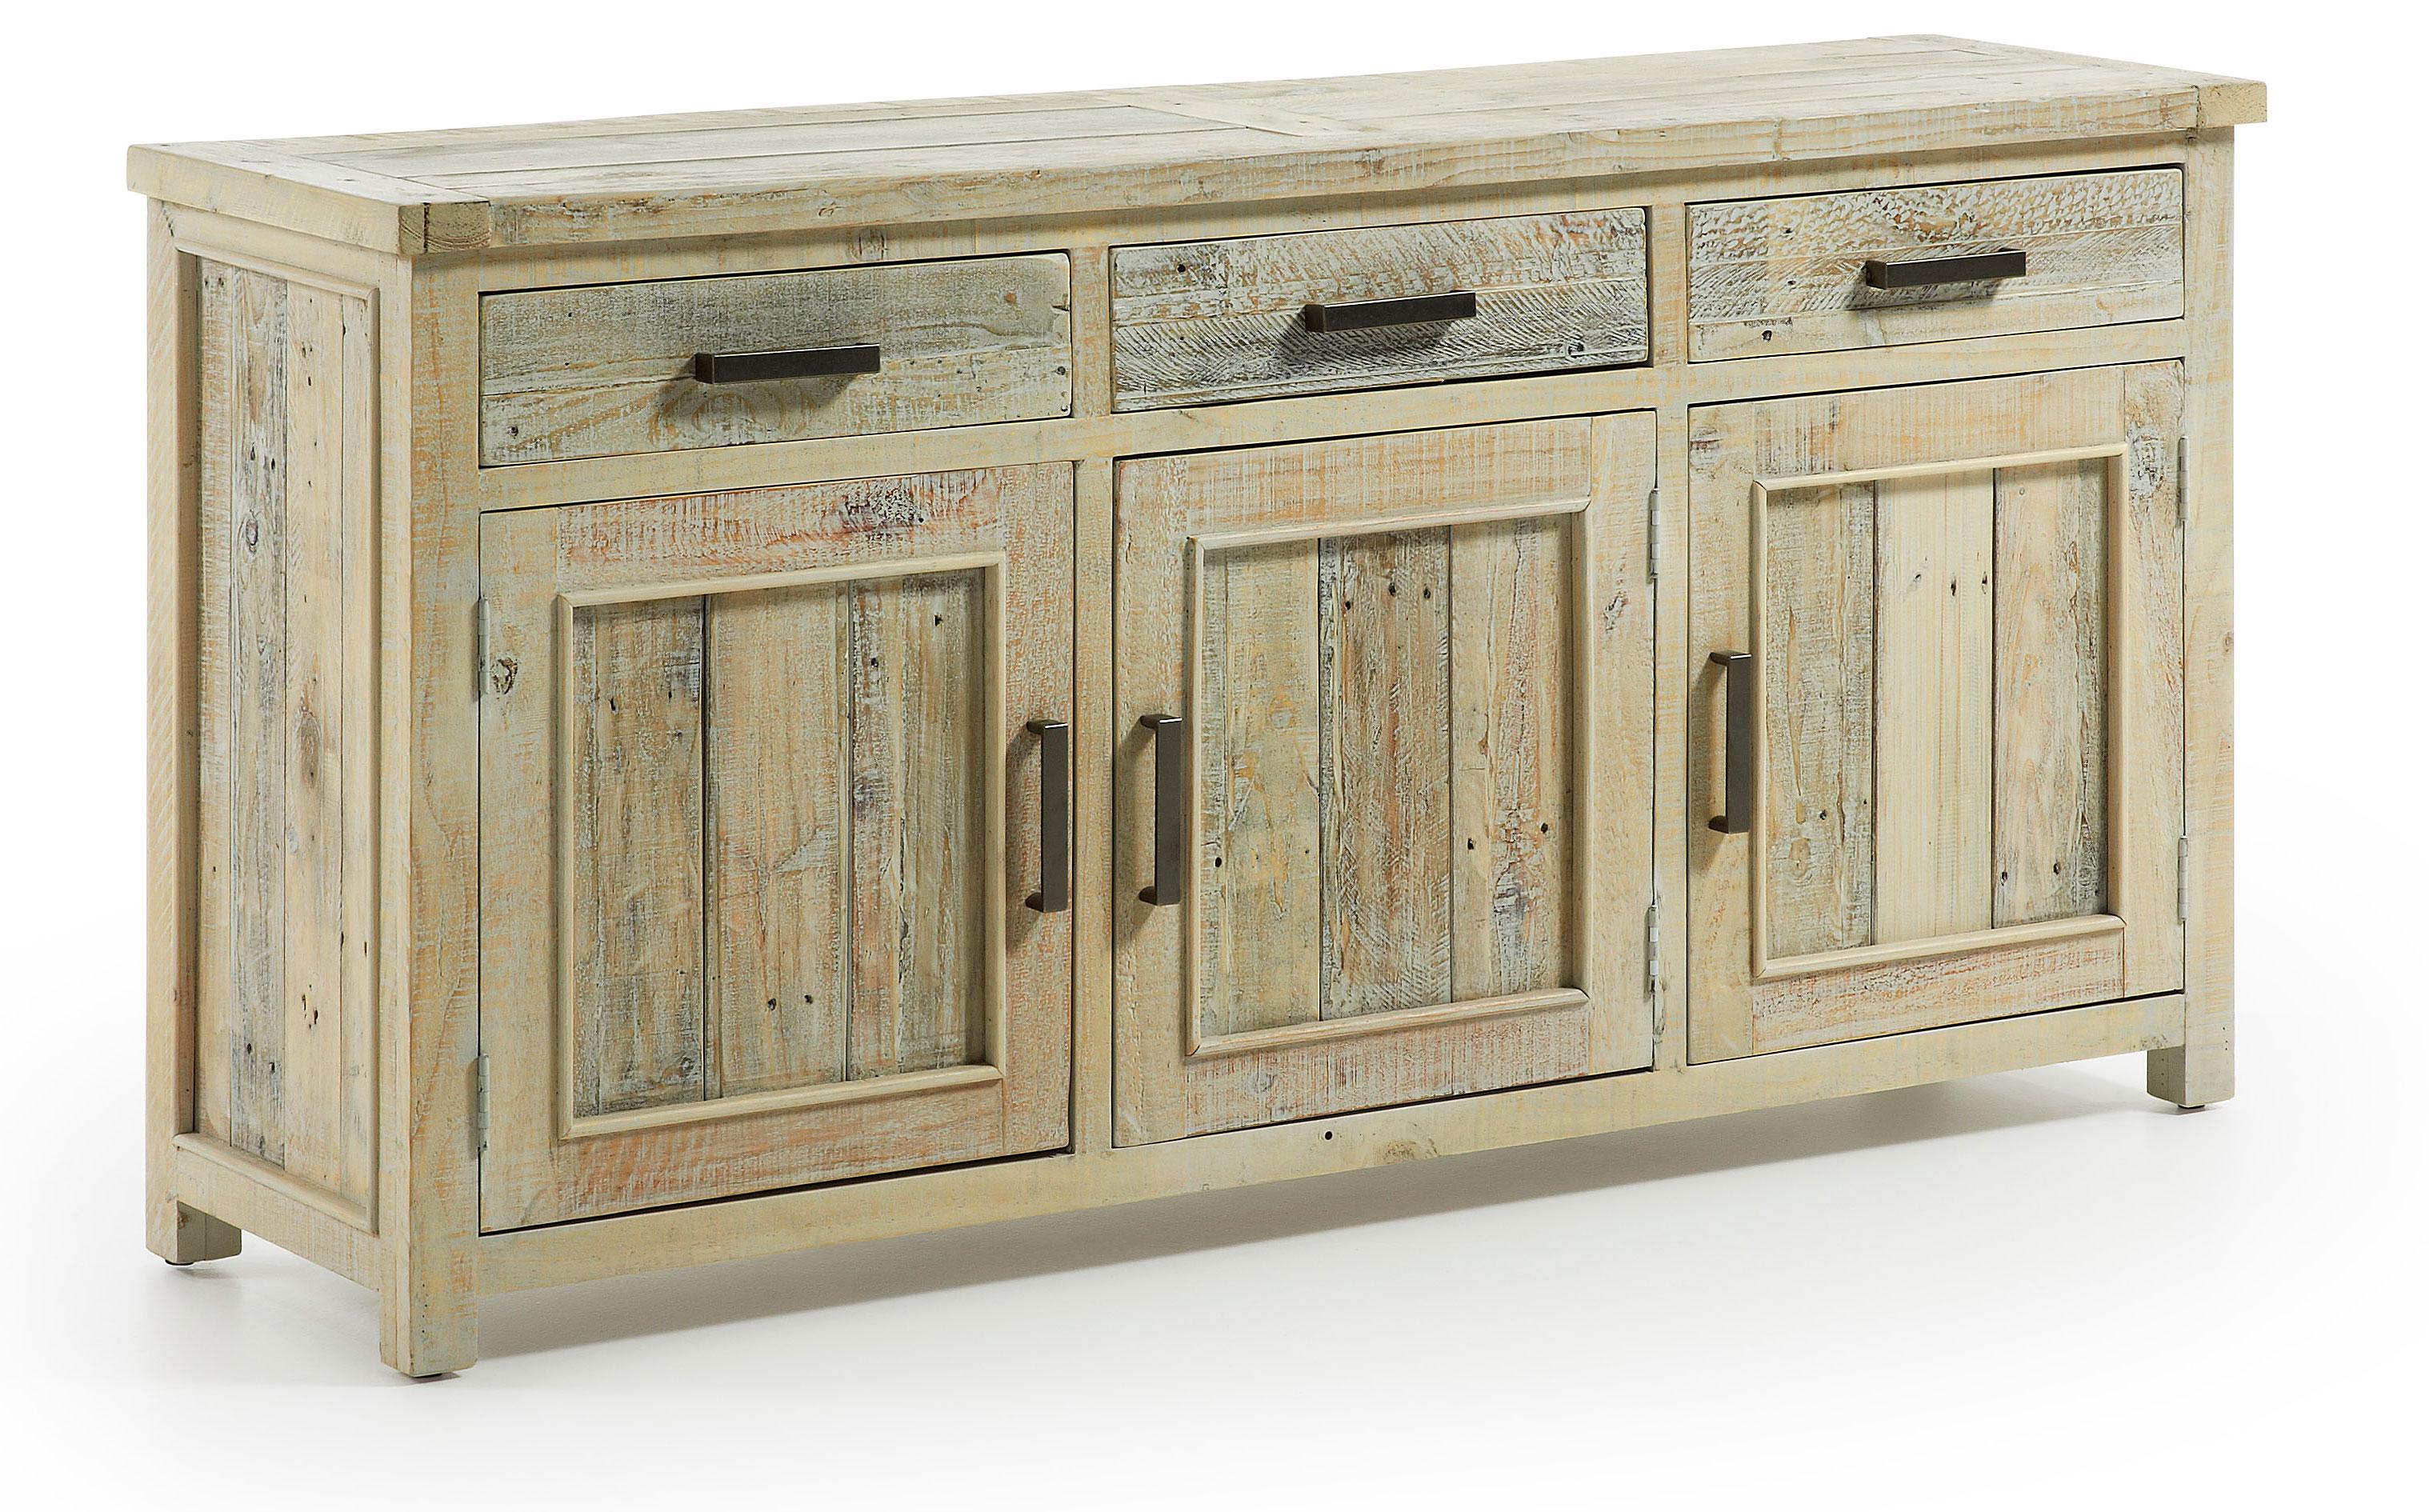 Revista muebles mobiliario de dise o for Bar con madera reciclada